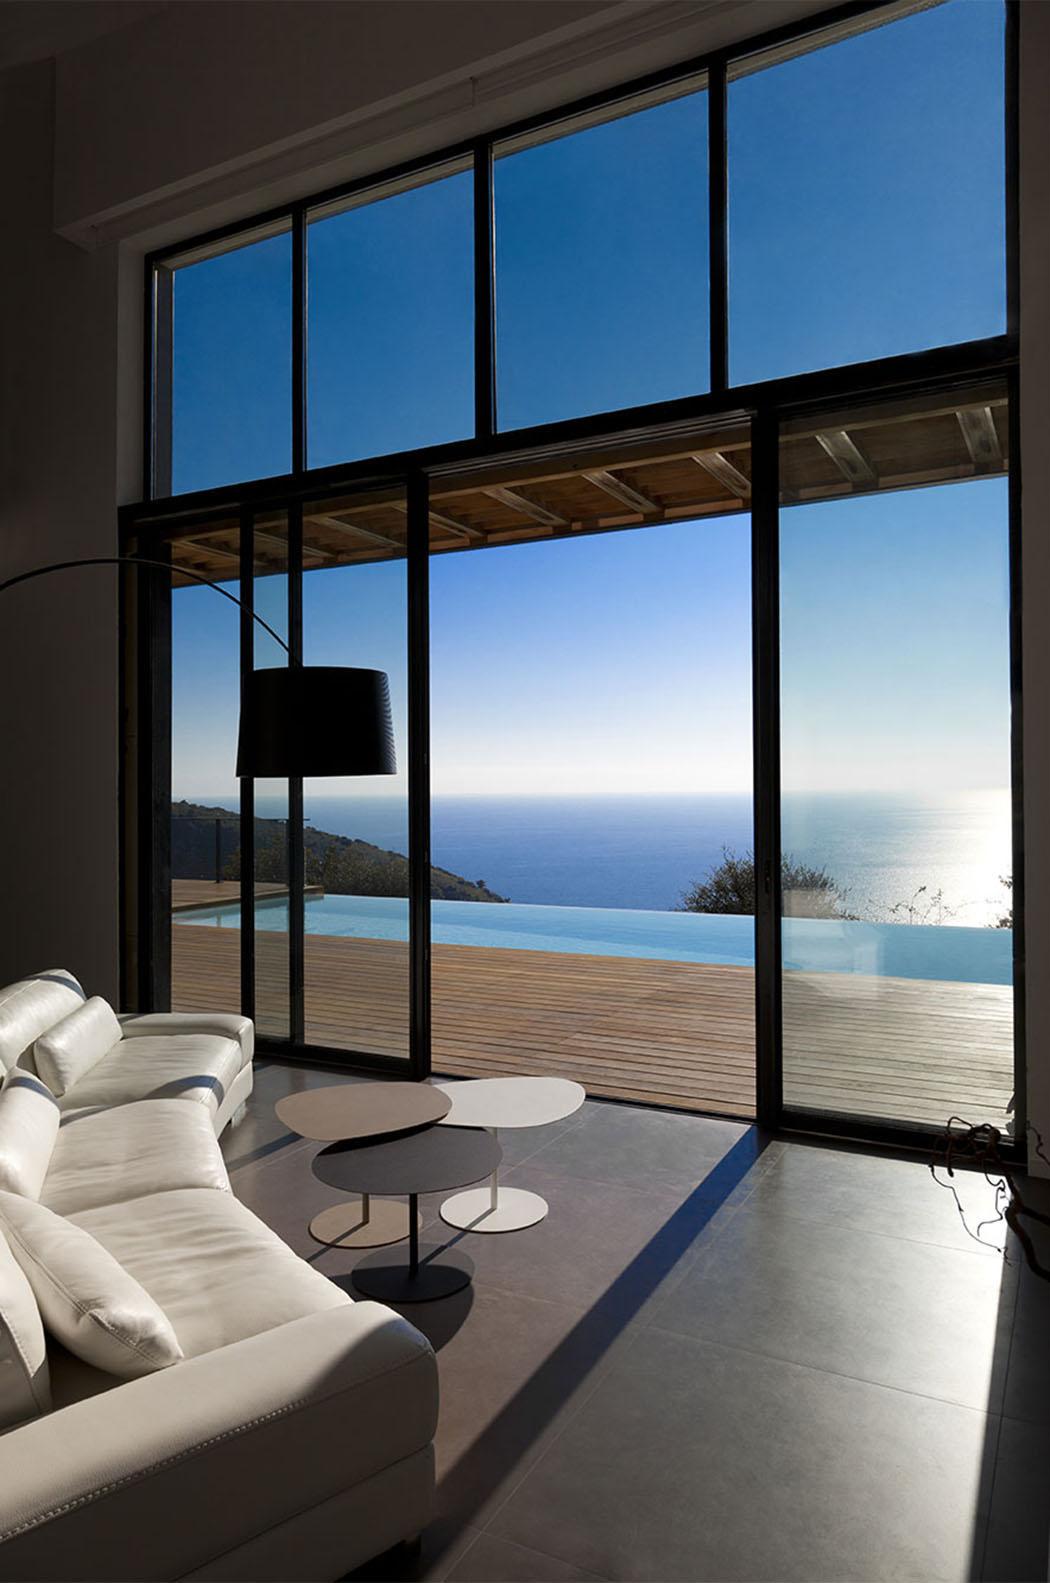 Moderne et originale maison d architecte monaco avec une magnifique vue vivons maison La cloison magnifique le coin salon